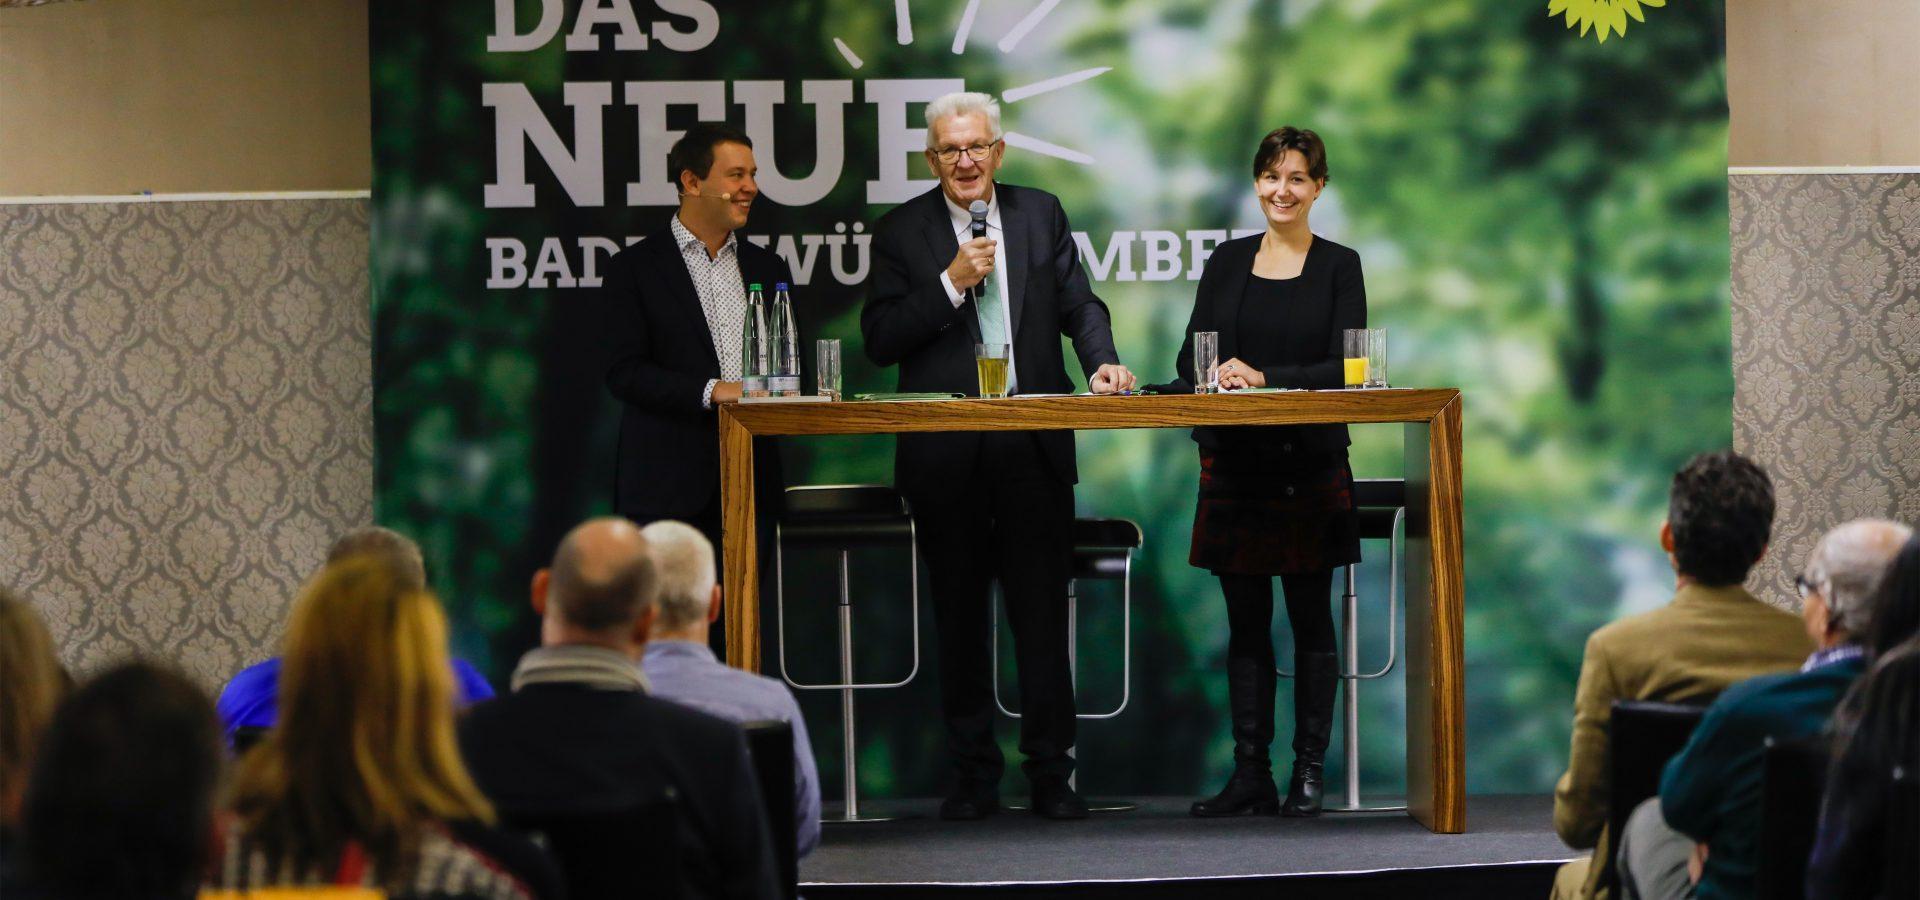 Foto: Sandra Detzer, Oliver Hildenbrand und Winfried Kretschmann präsentieren das neue Baden-Württemberg